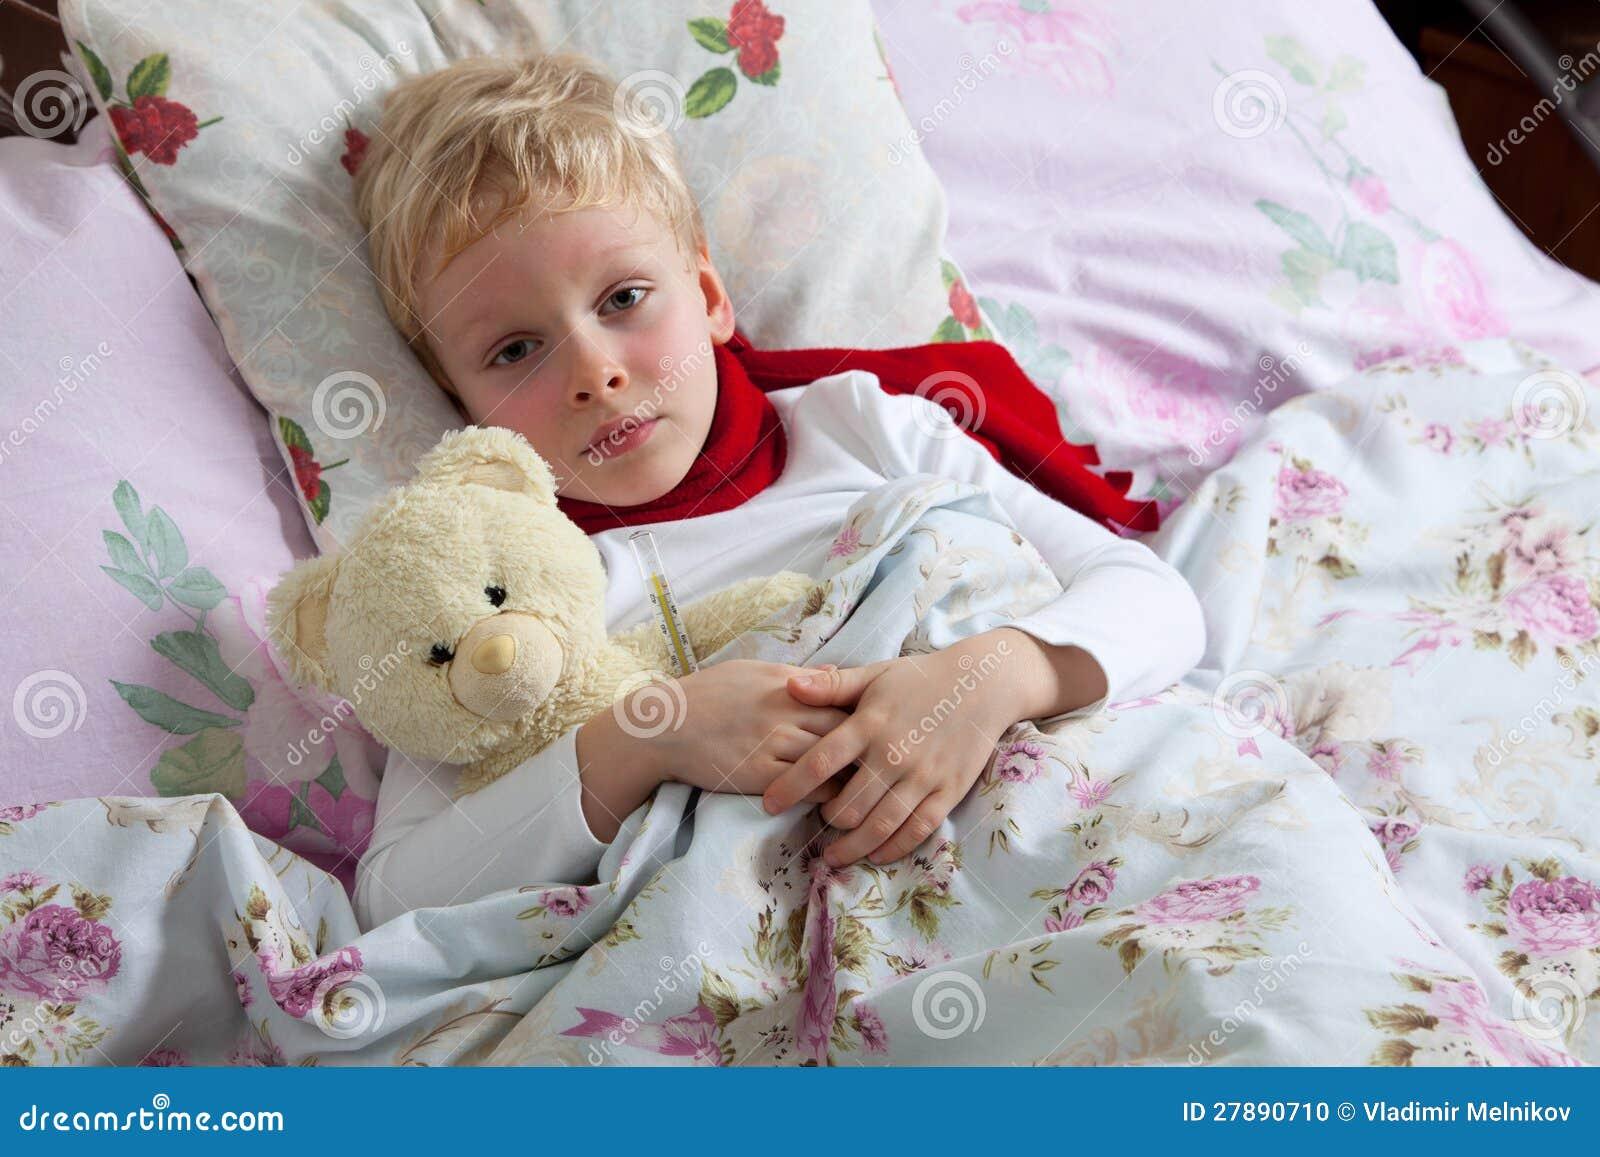 Мальчик лежит на кровати фото фото 170-702